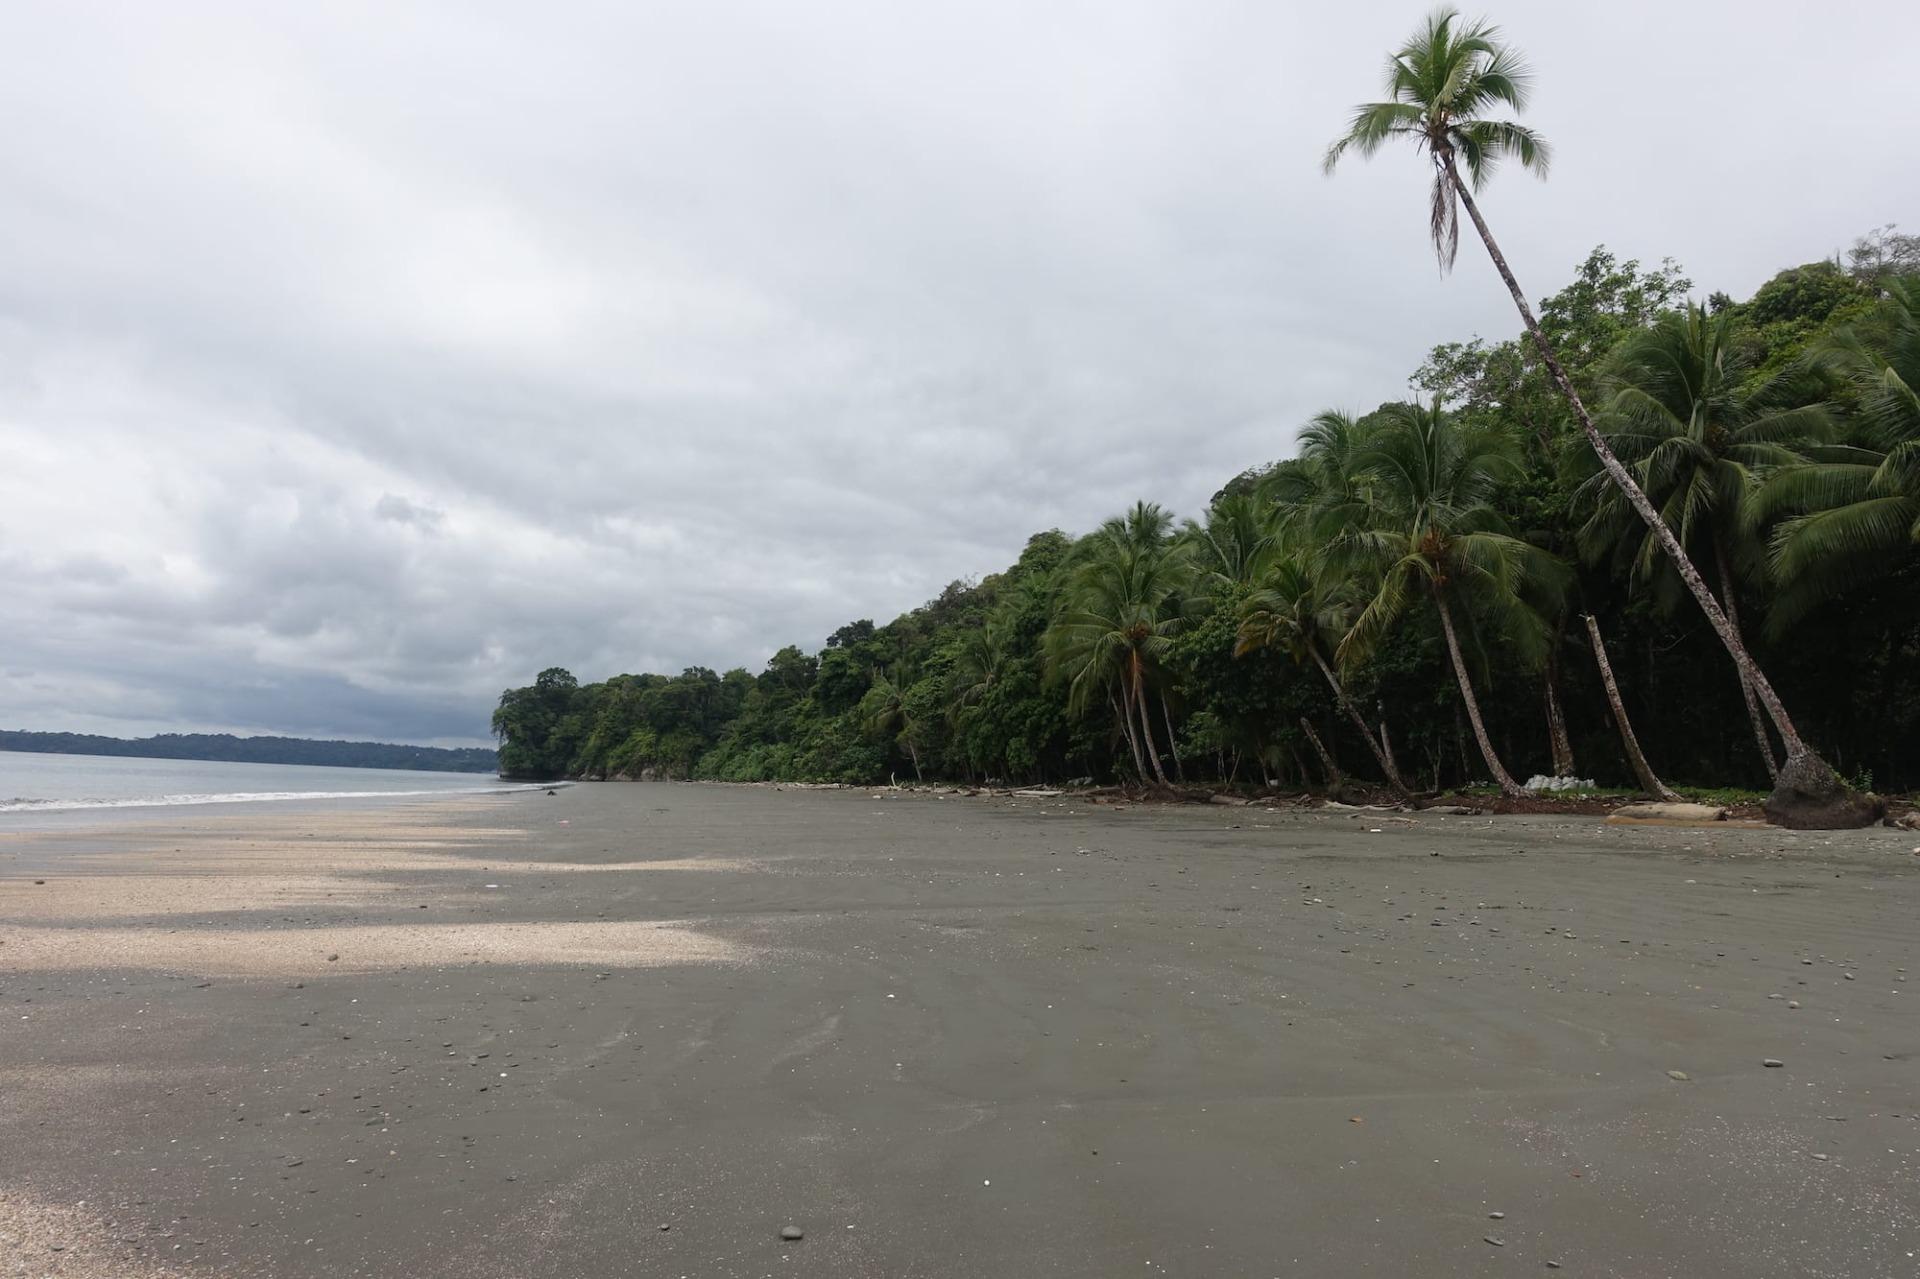 Spiaggia colombiana